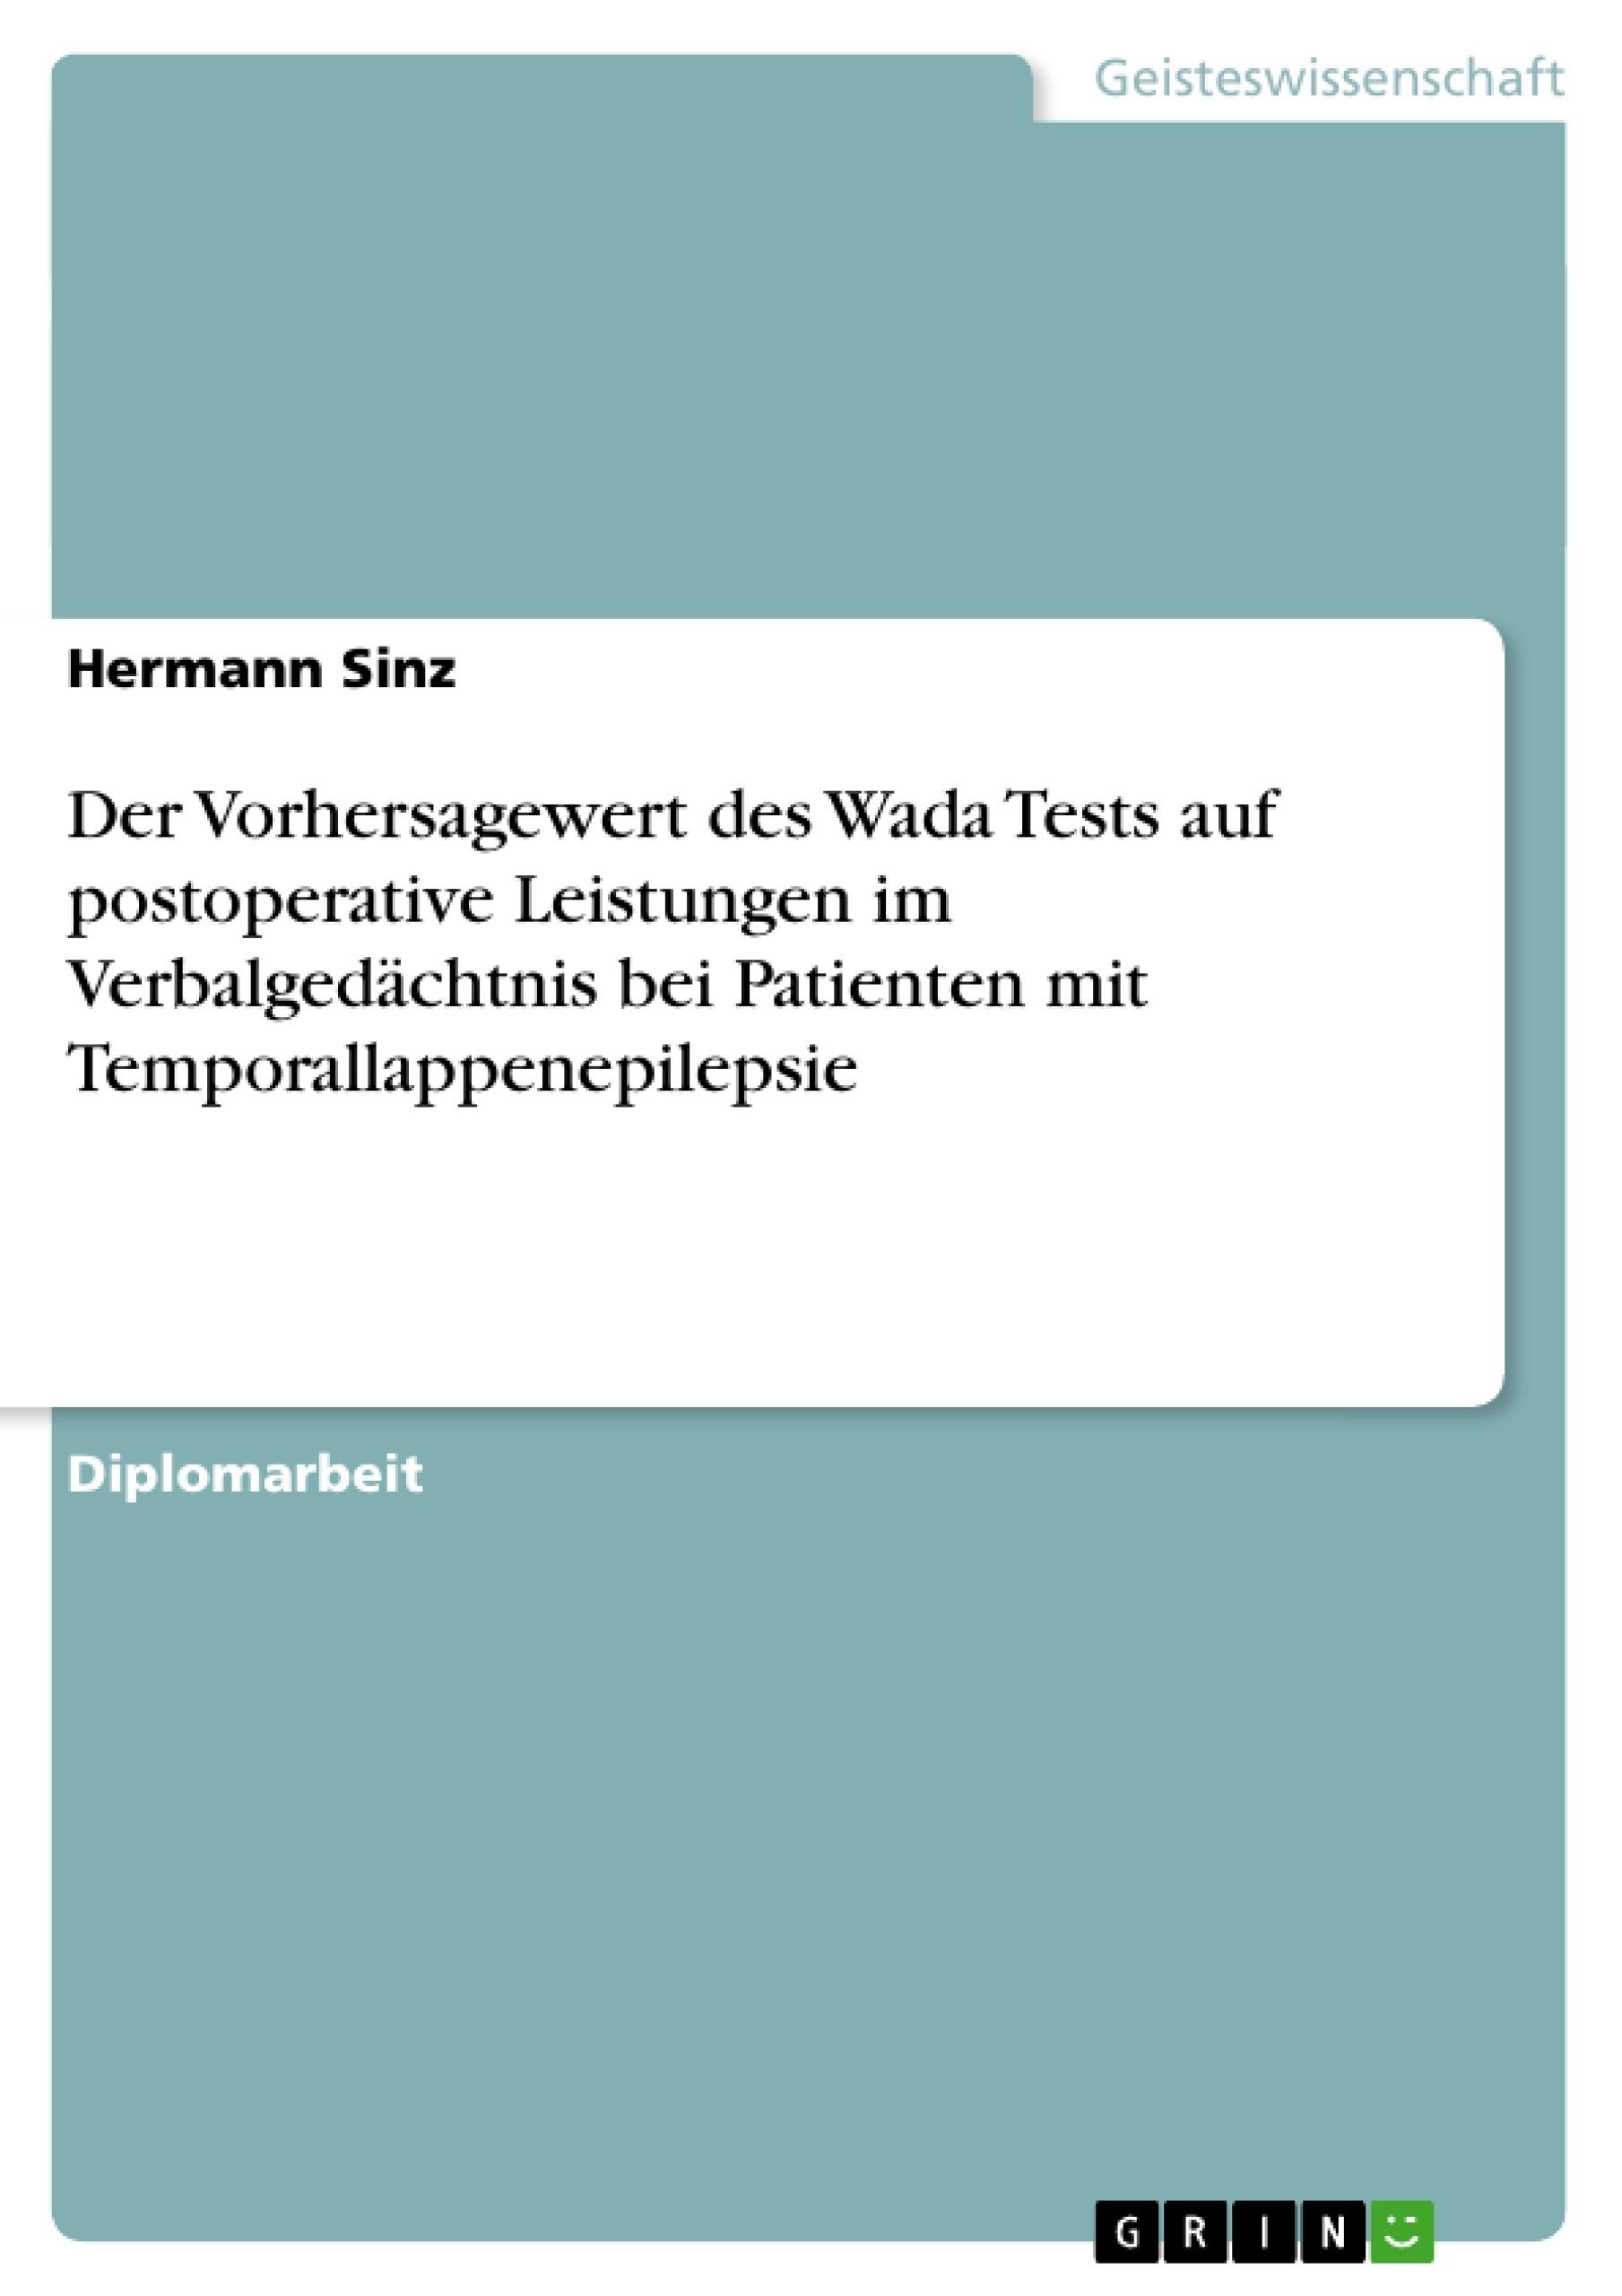 Titel: Der Vorhersagewert des Wada Tests auf postoperative Leistungen im Verbalgedächtnis bei Patienten mit Temporallappenepilepsie